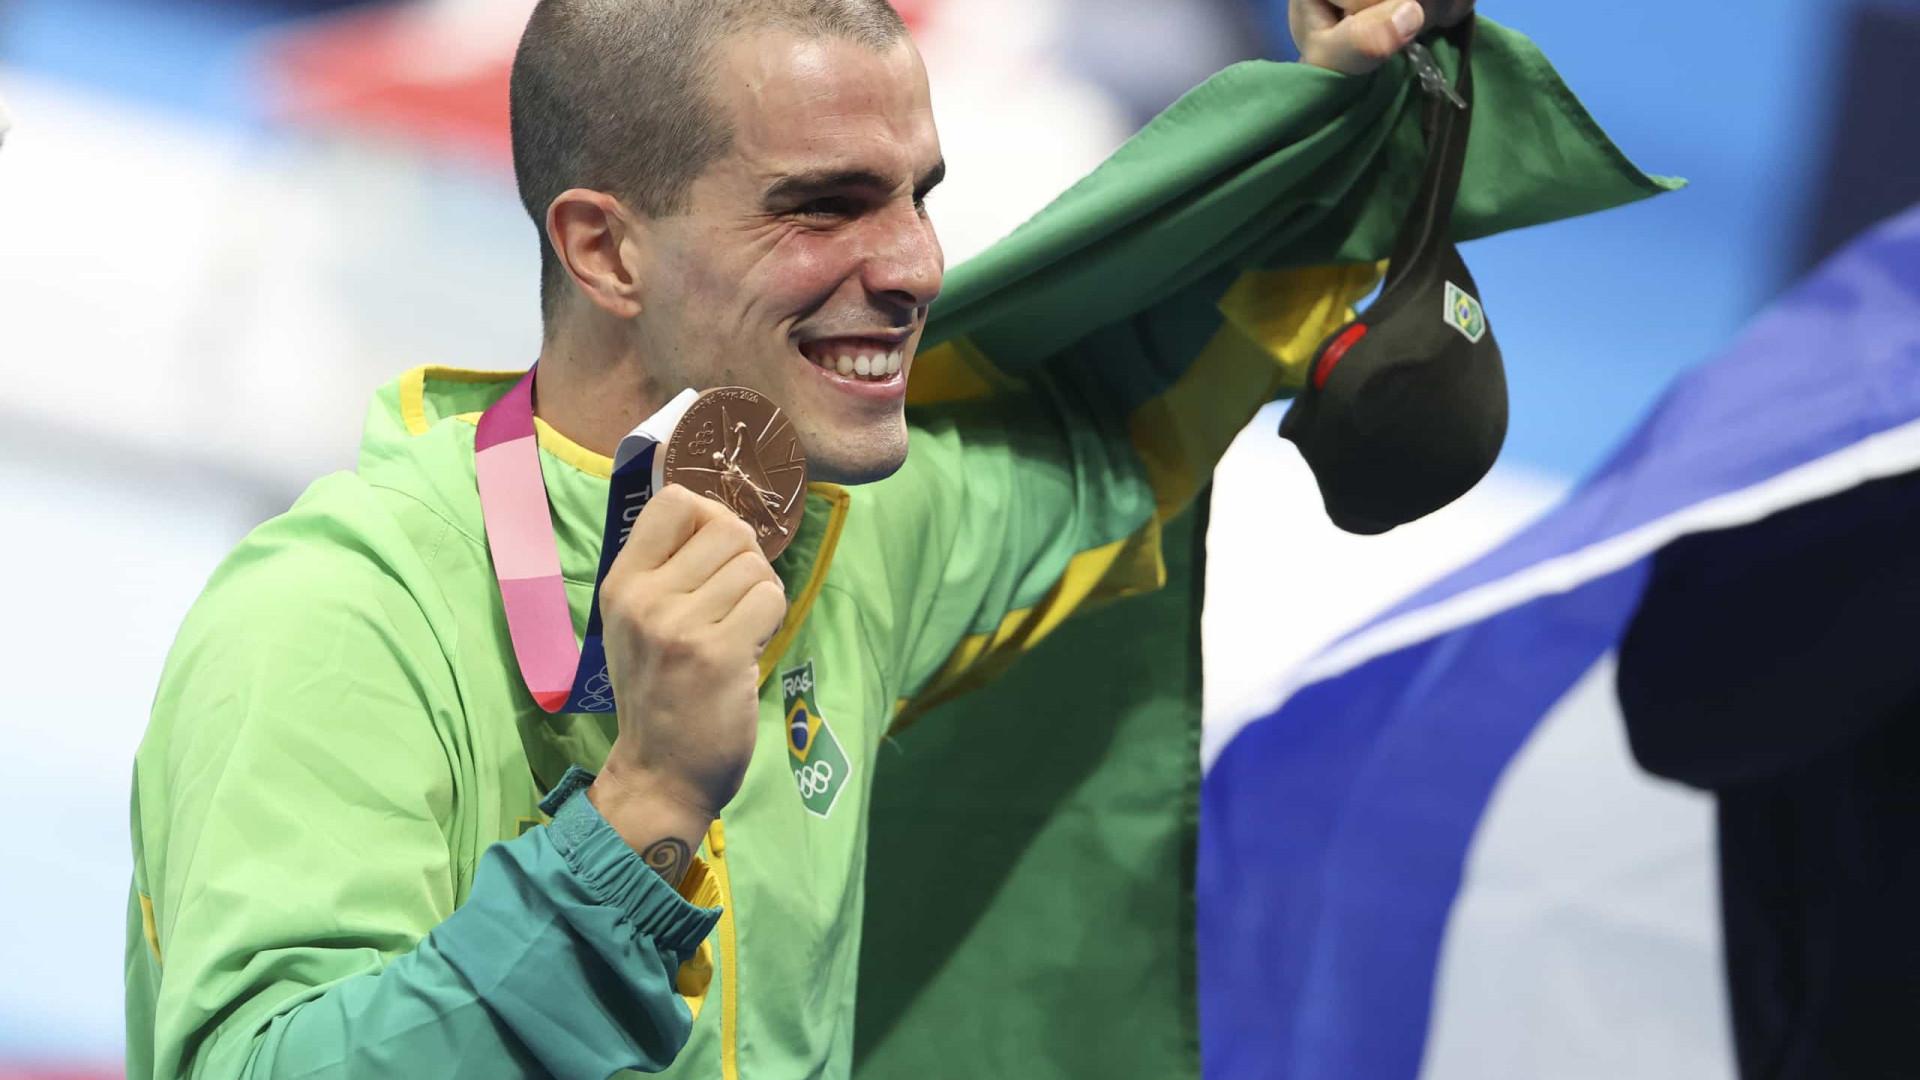 Bruno Fratus fatura bronze e conquista medalha olímpica que tanto buscou nos 50 m livre